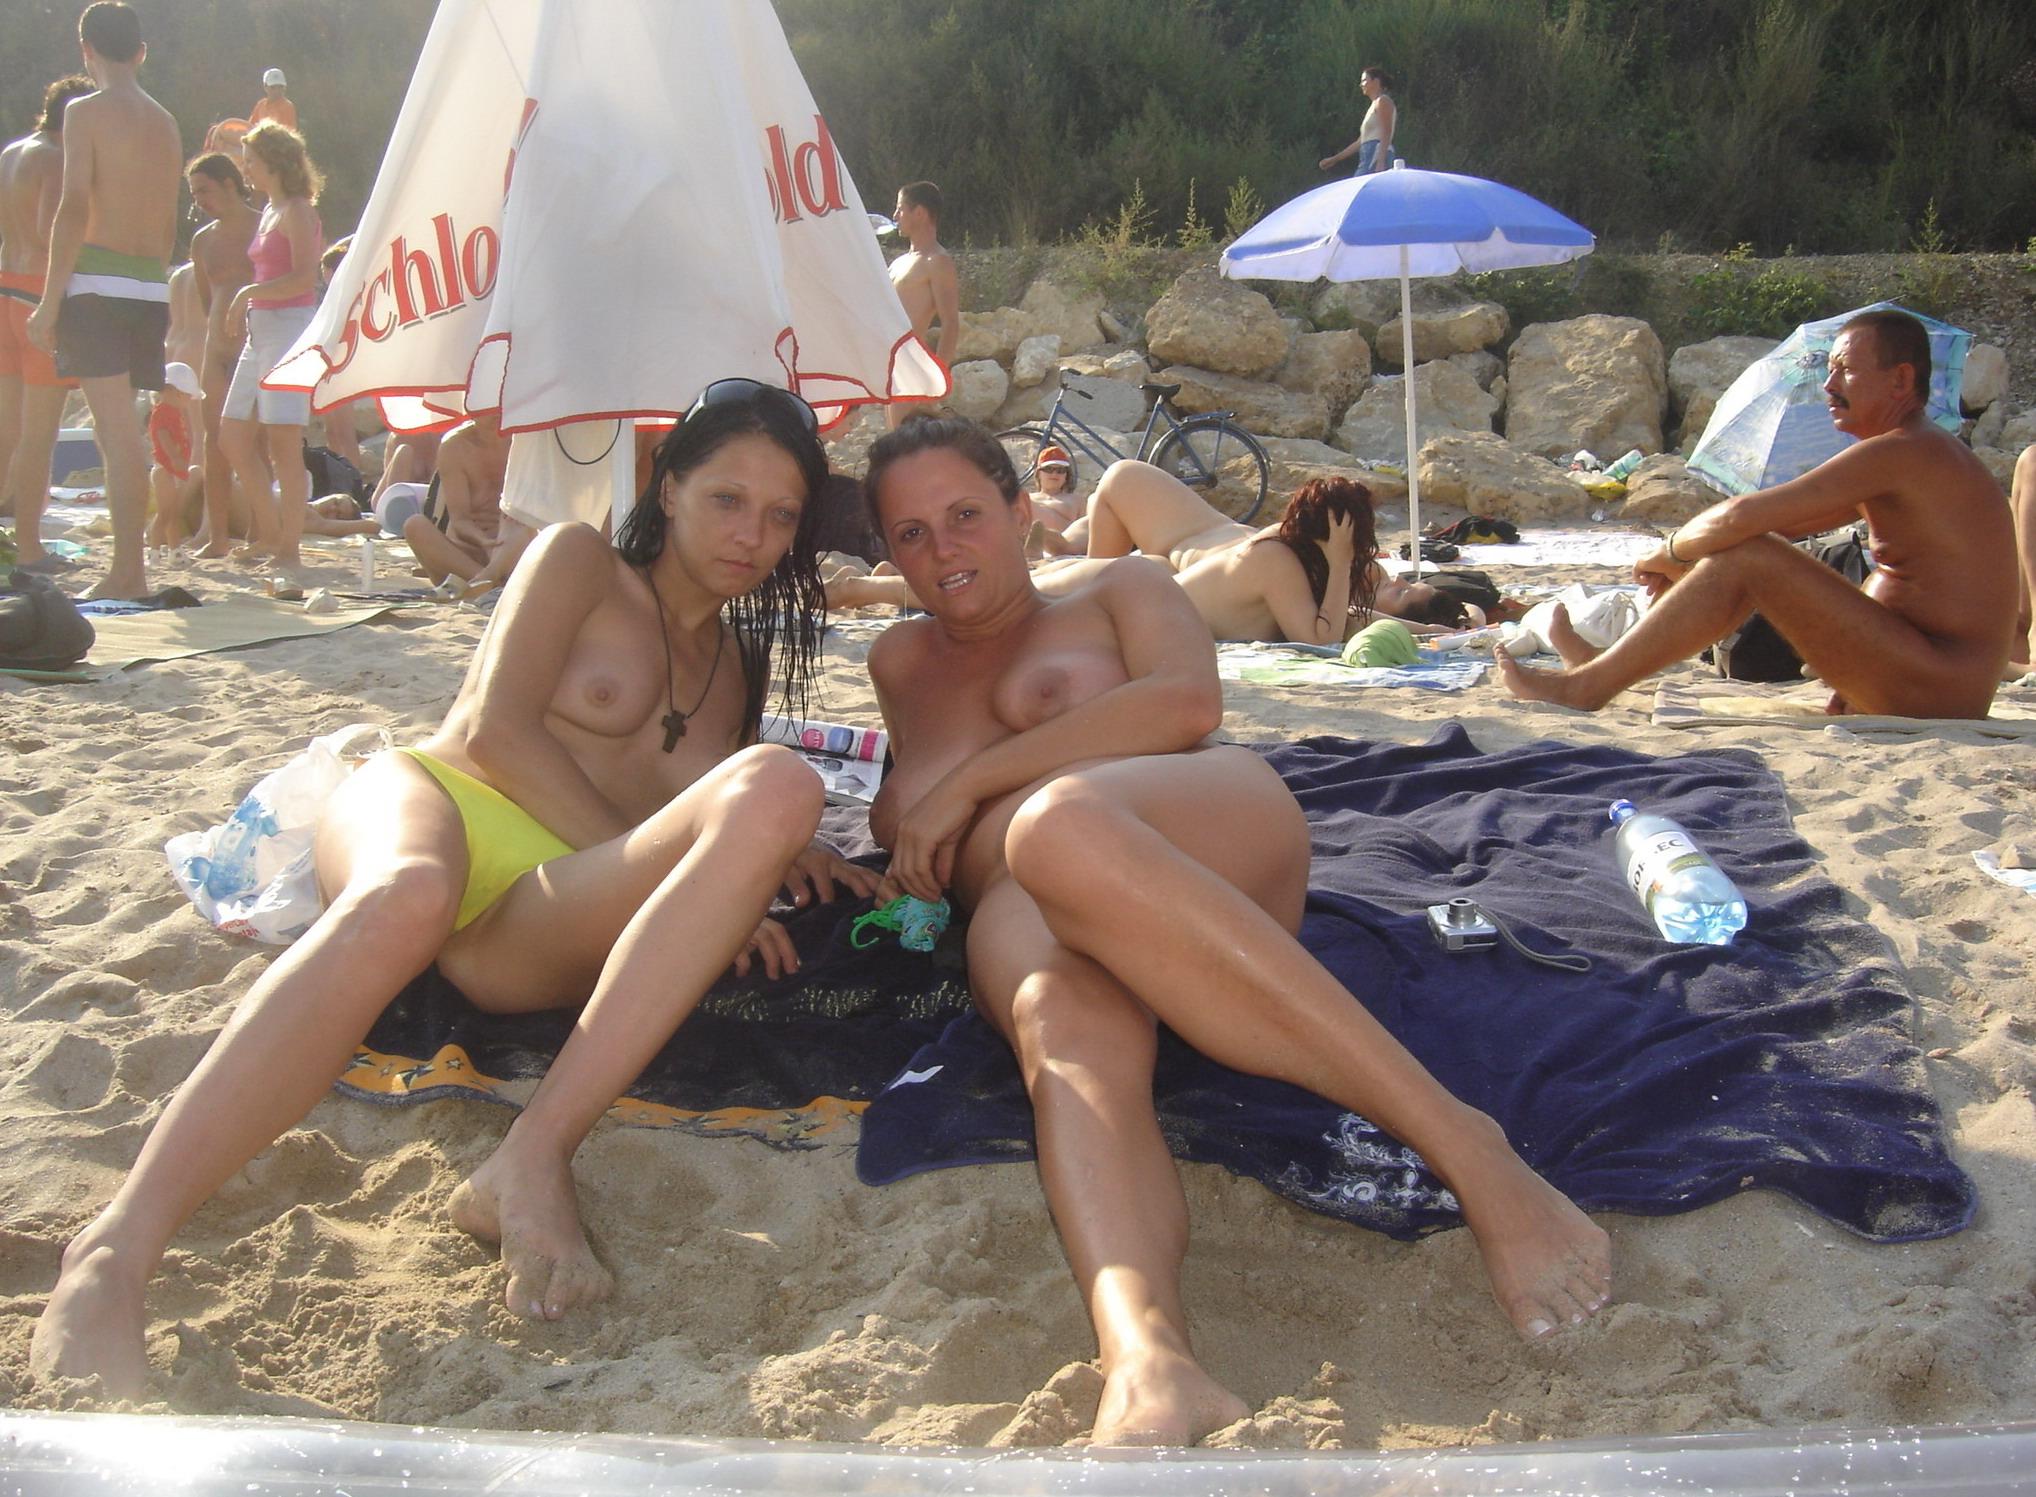 Скрытые съемки на диких пляжах 7 фотография